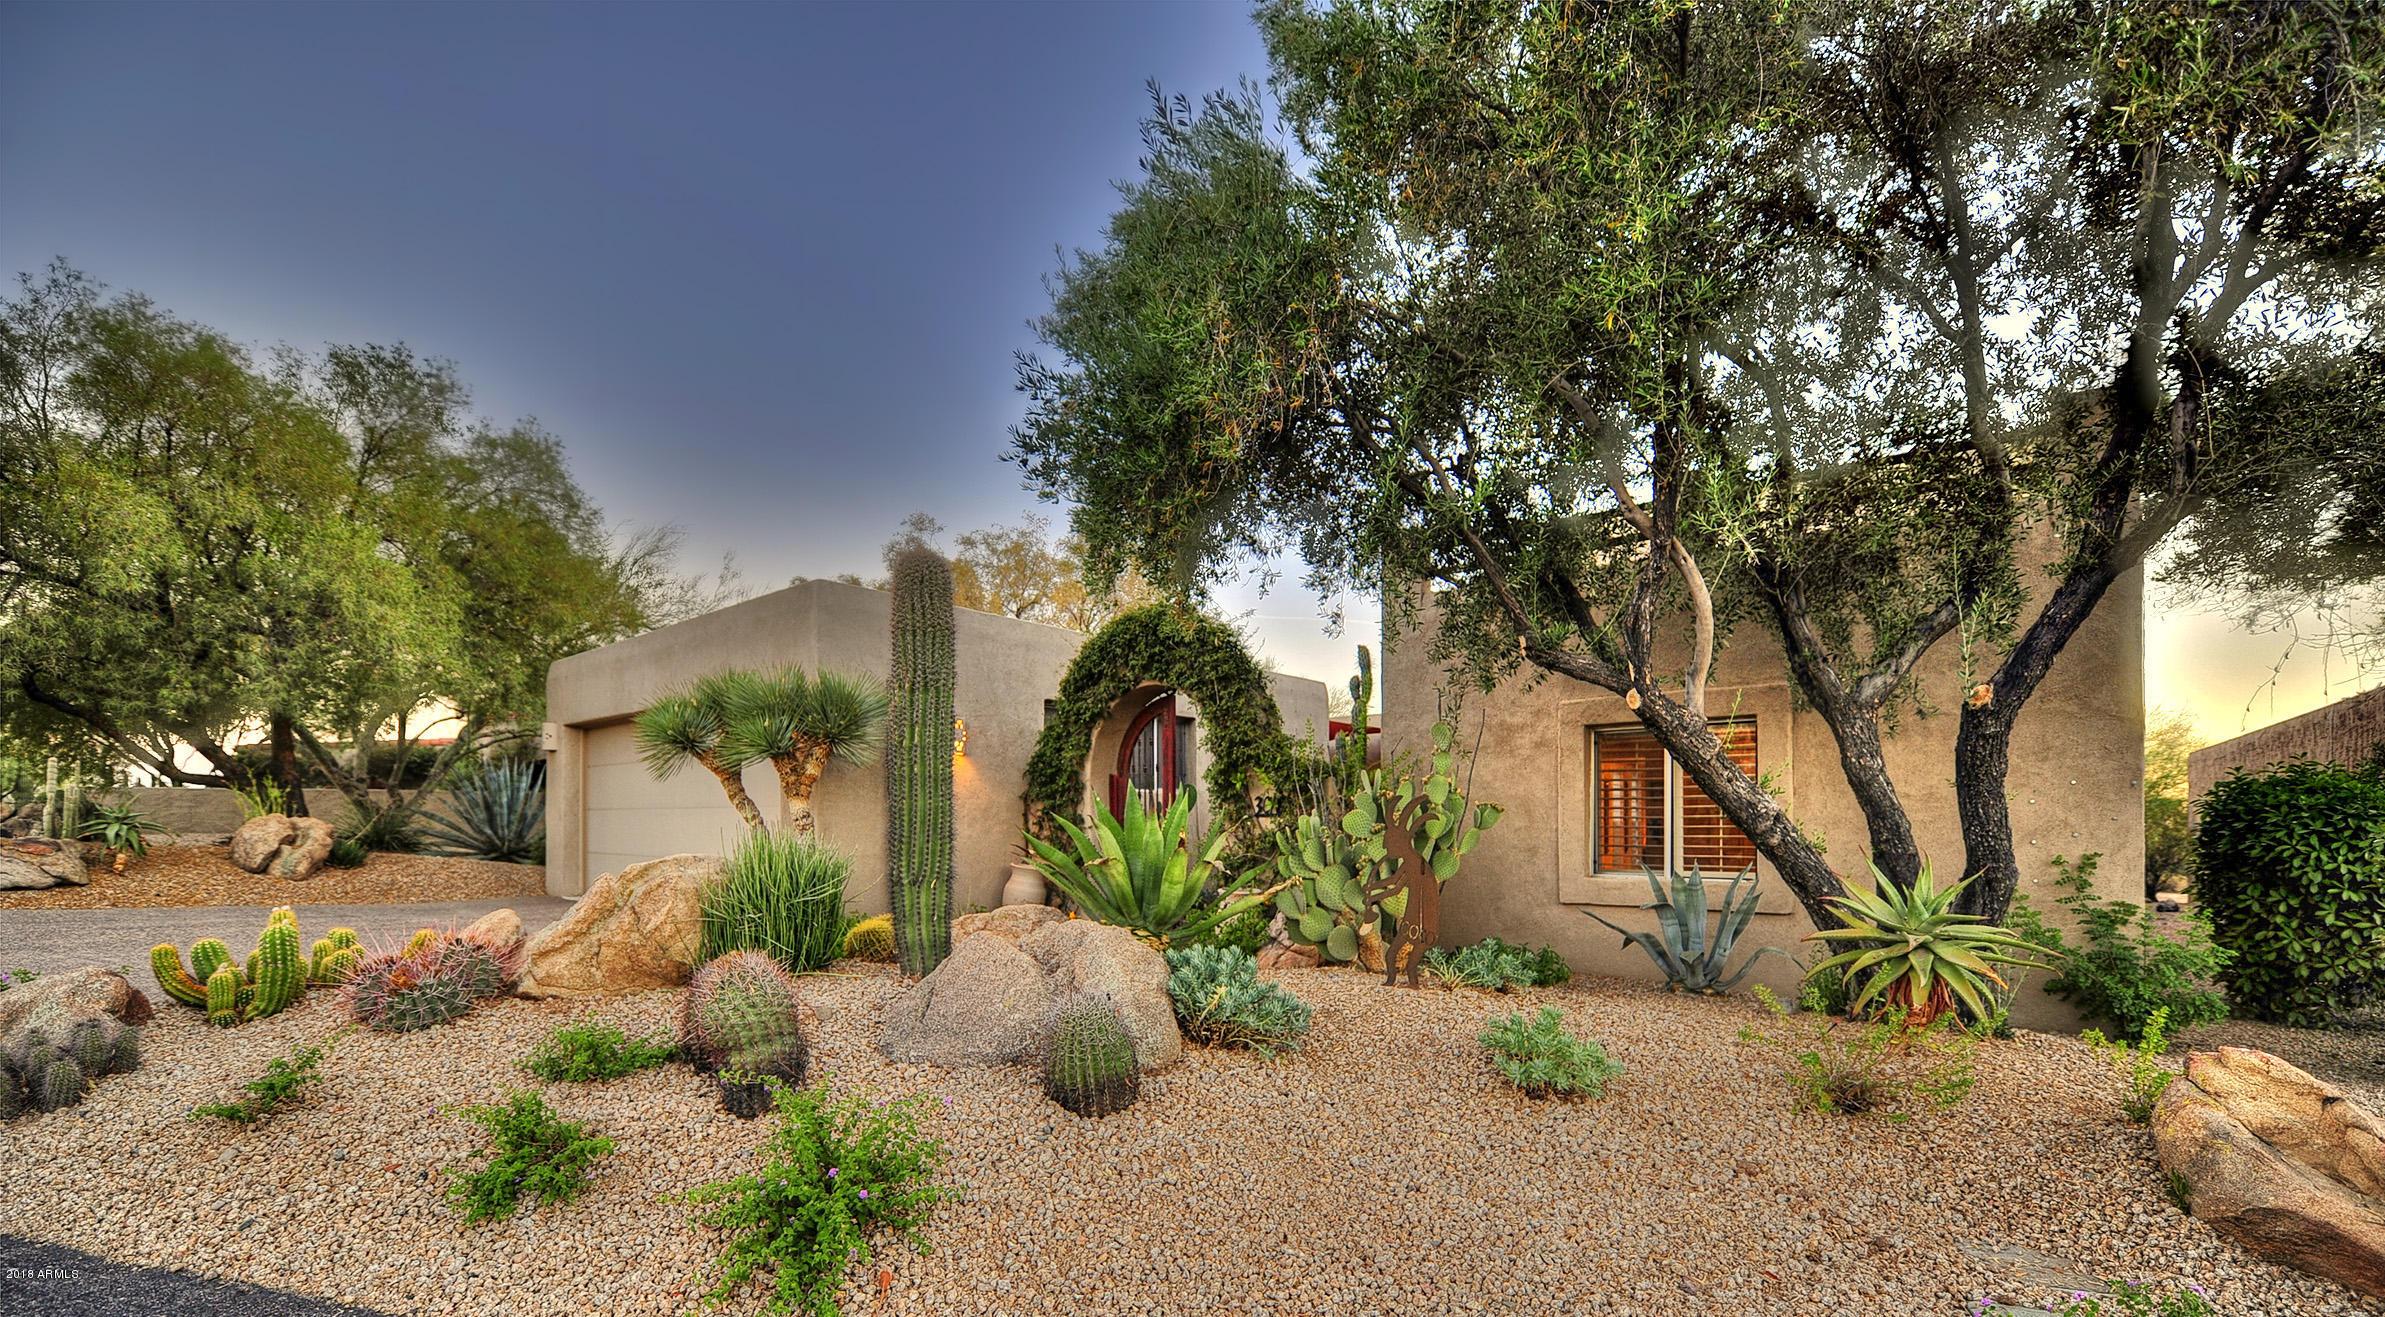 3018 E Ironwood Circle, Carefree AZ 85377 - Photo 1